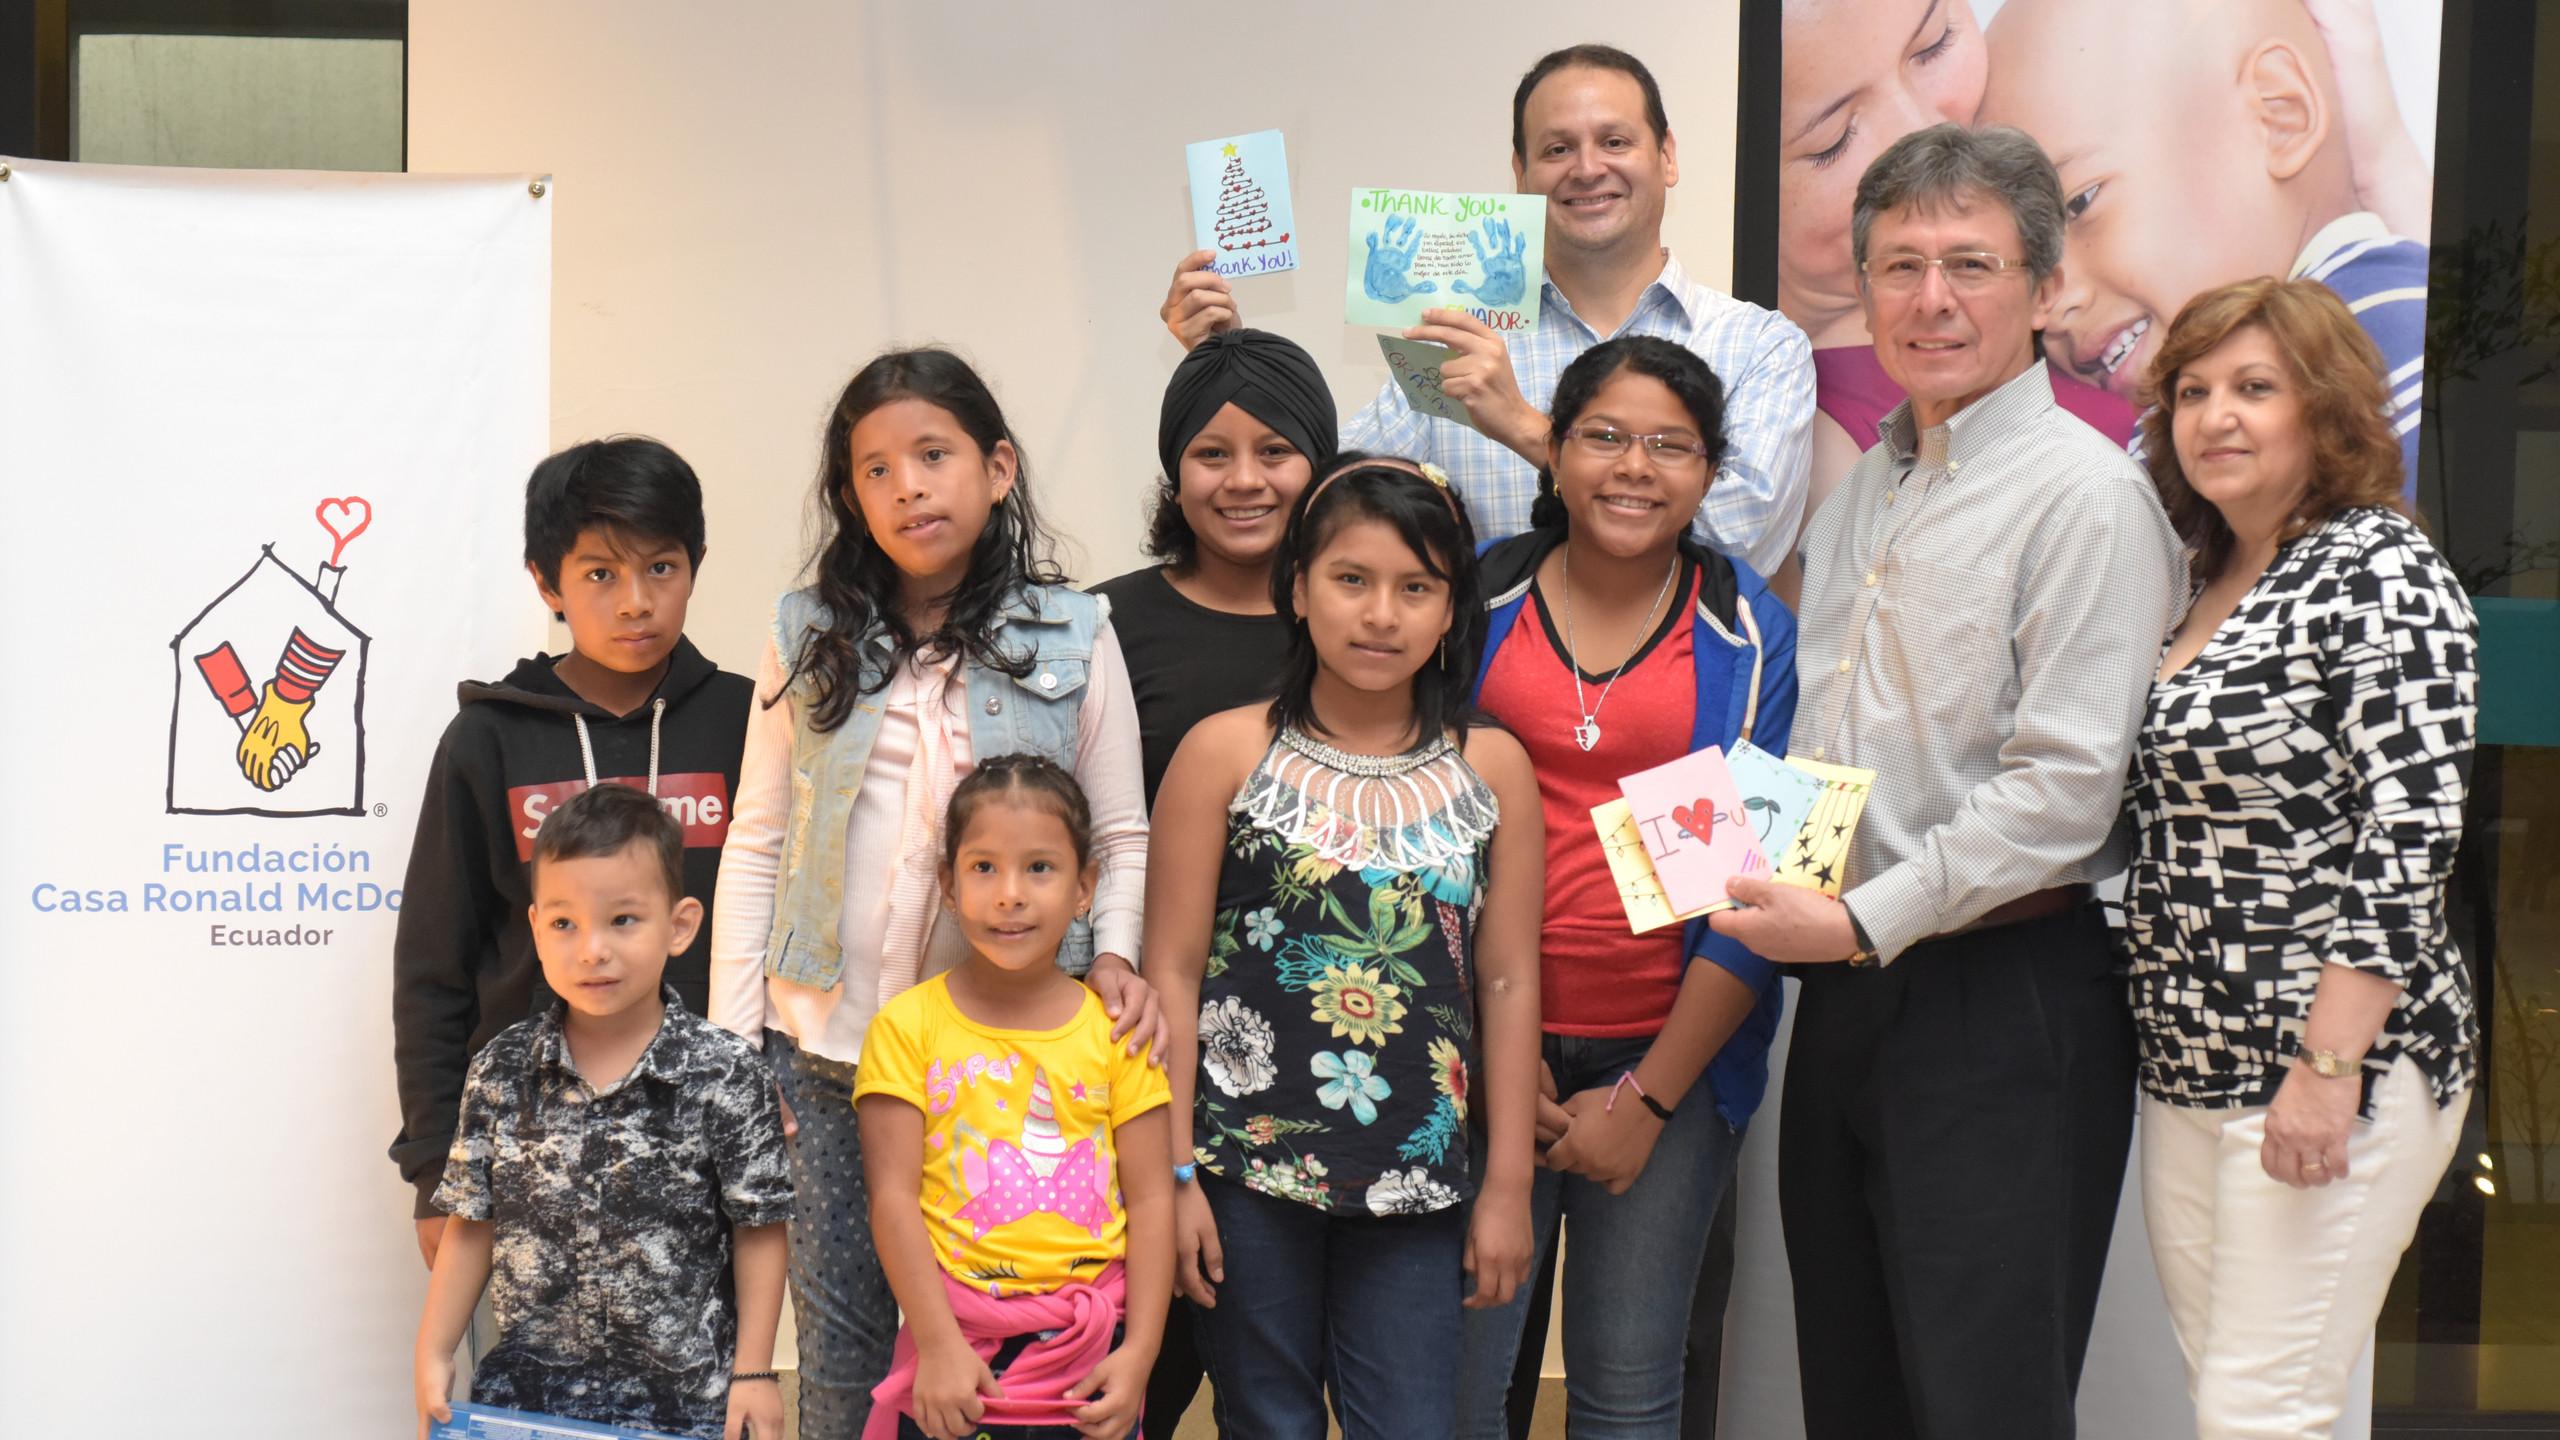 FCRM Ecuador Children